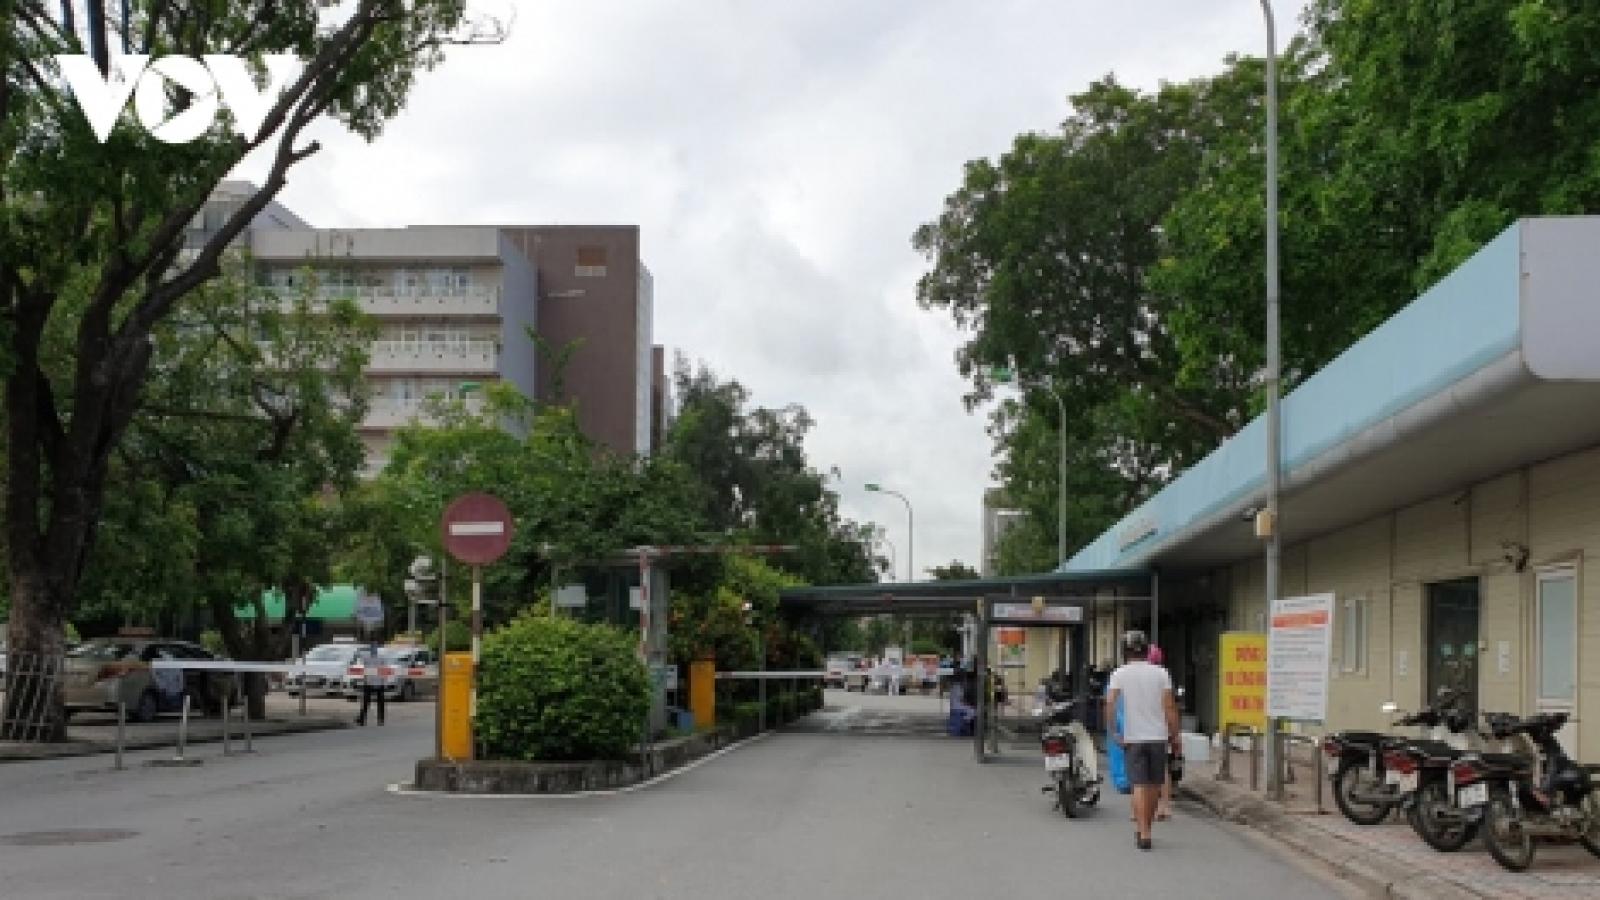 Bệnh viện Đa khoa Đức Giang (Hà Nội) mở cửa trở lại từ 20/6